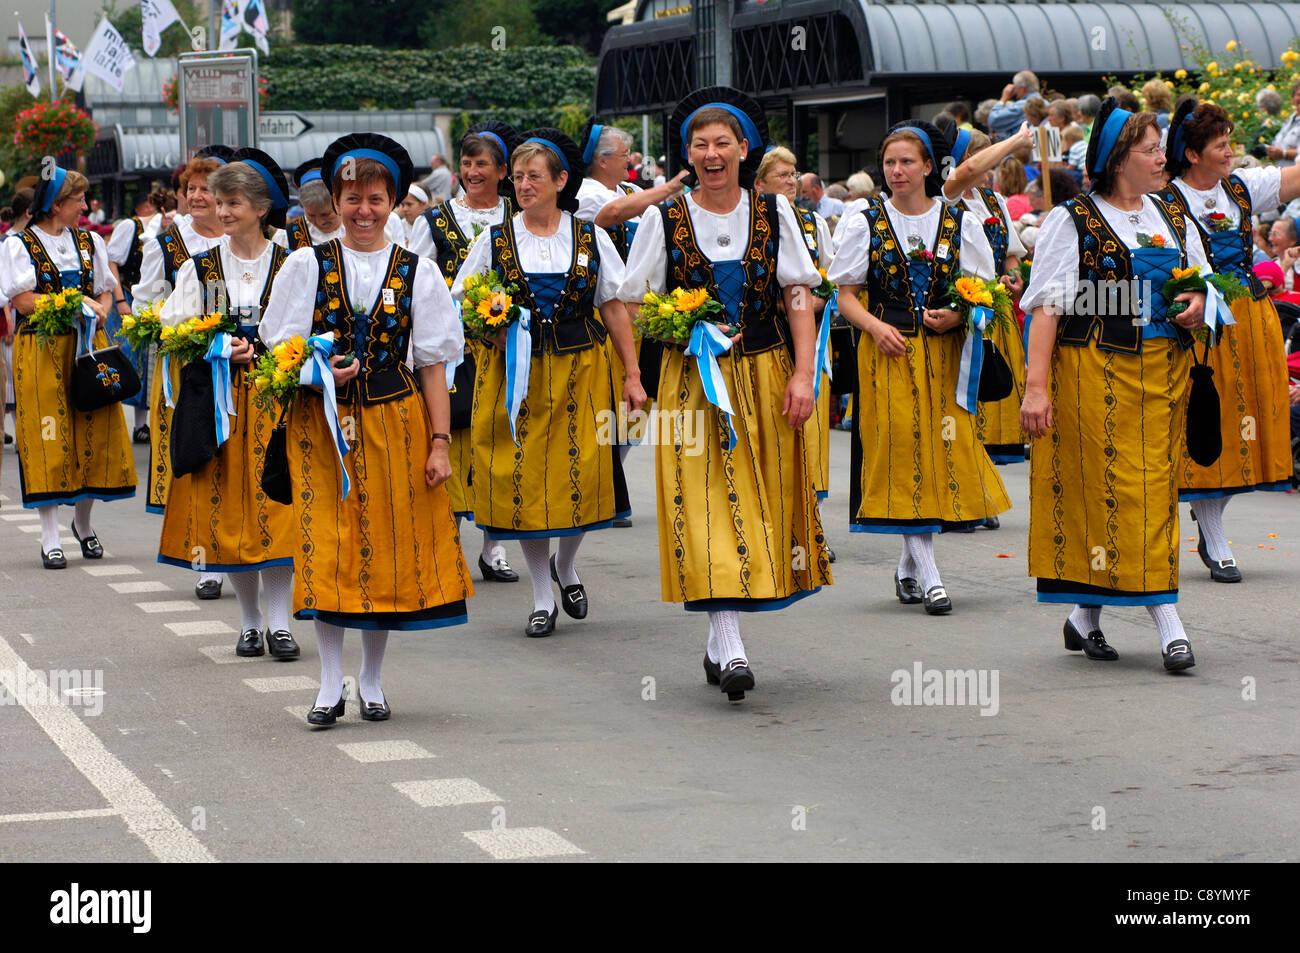 Swiss Kleidung